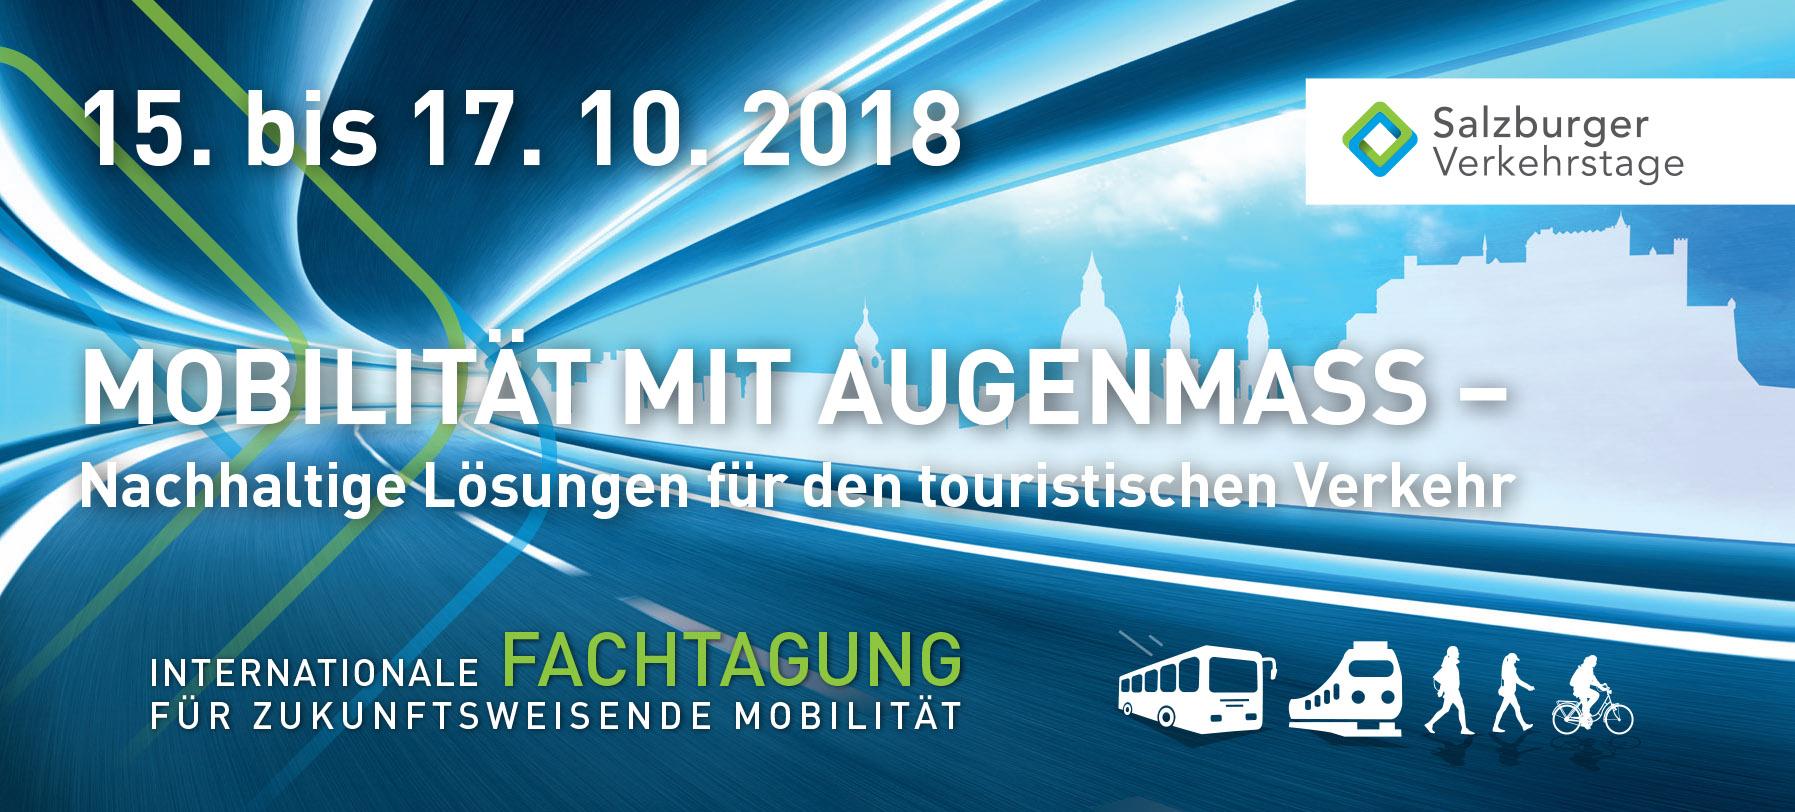 Sbg. Verkehrstage 2018